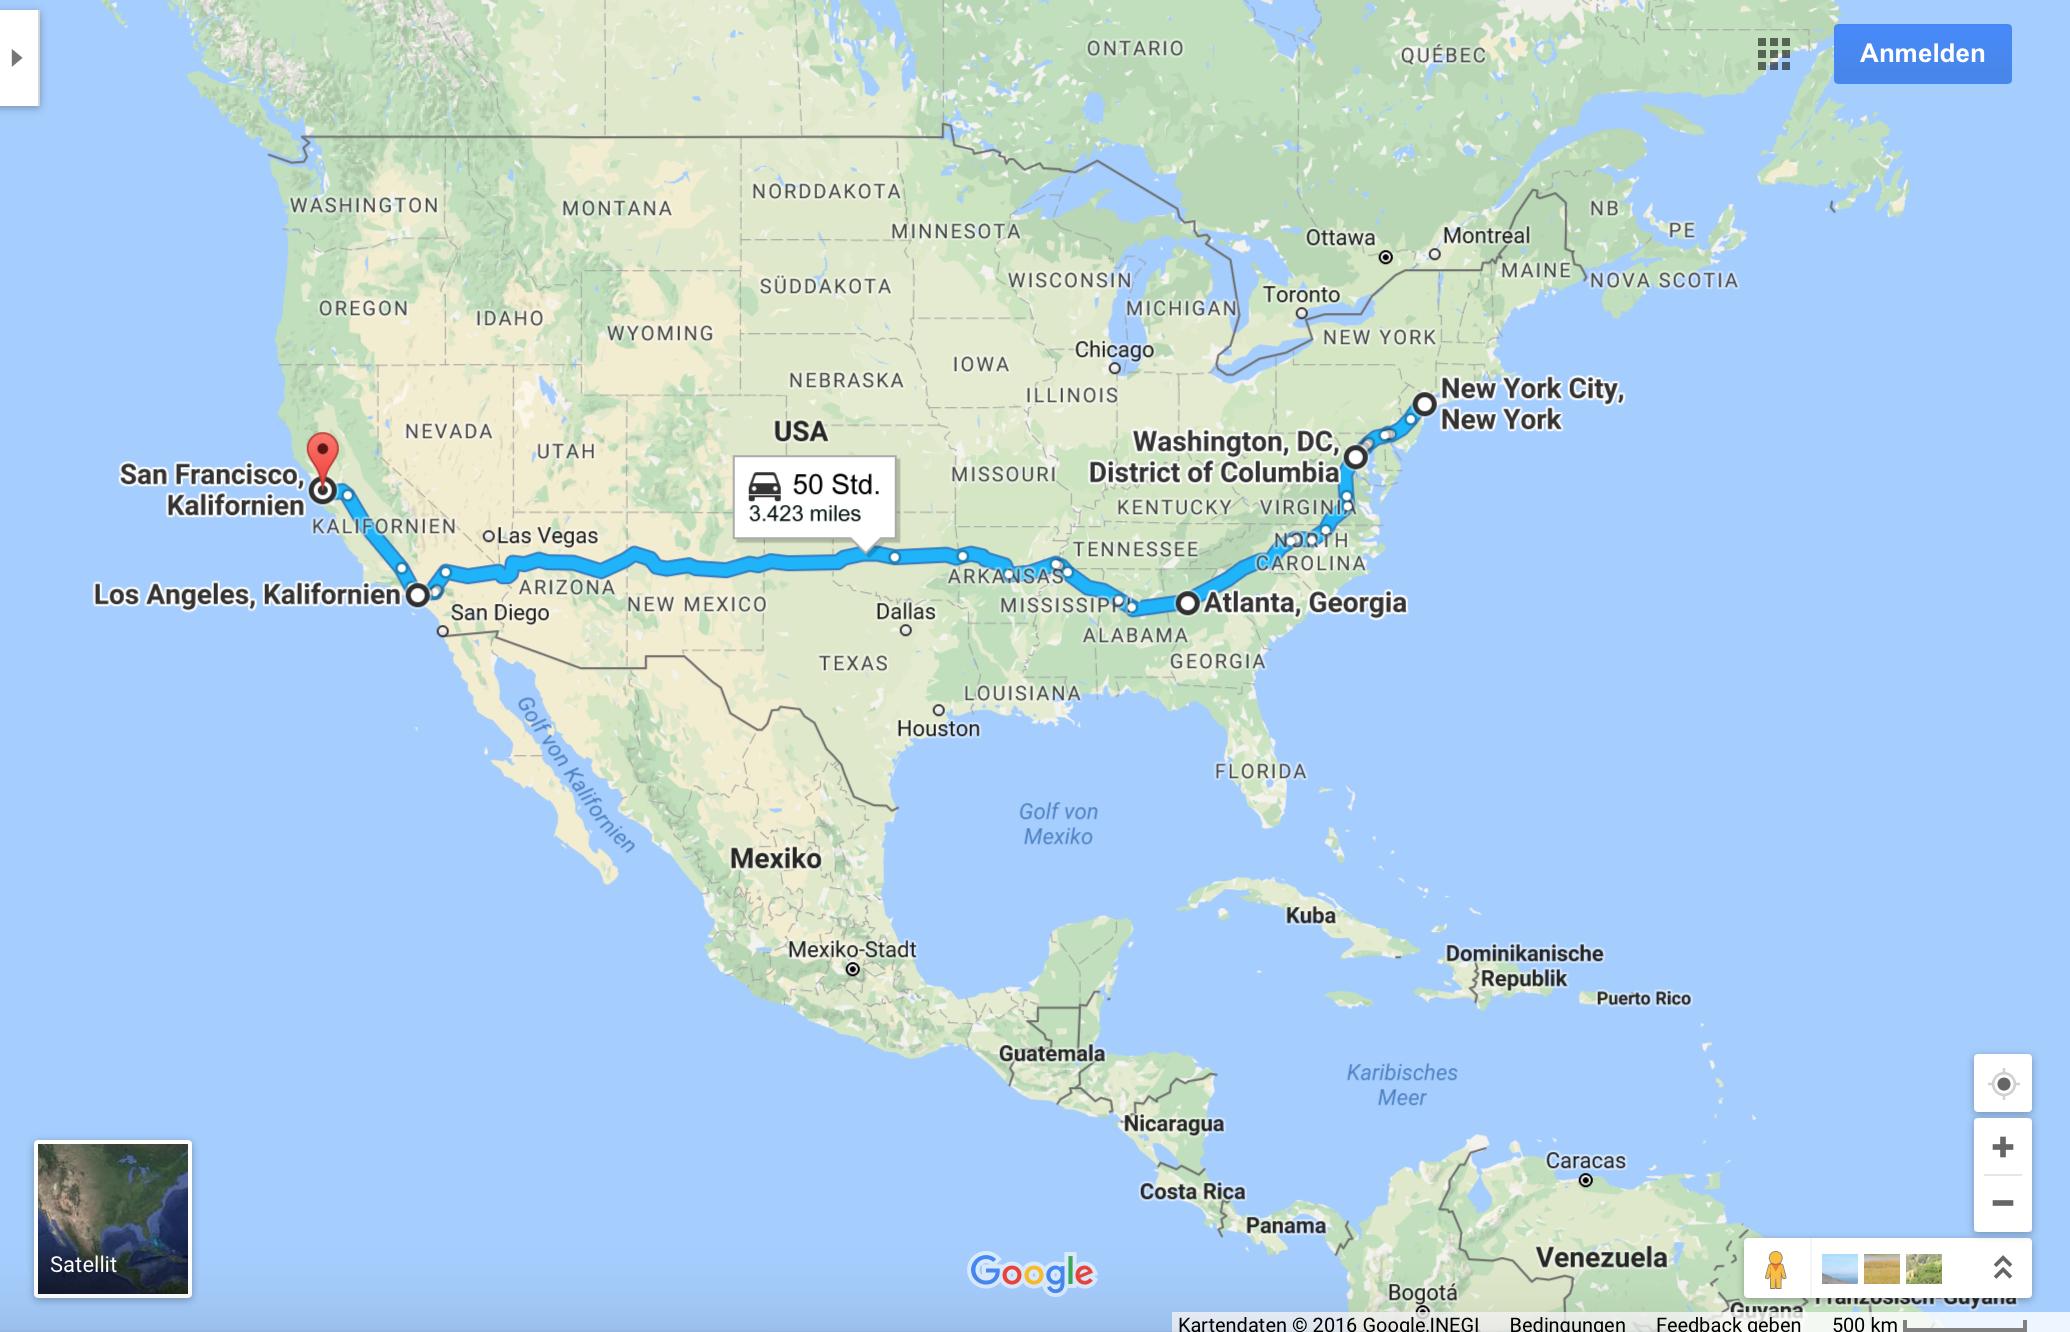 Reise USA